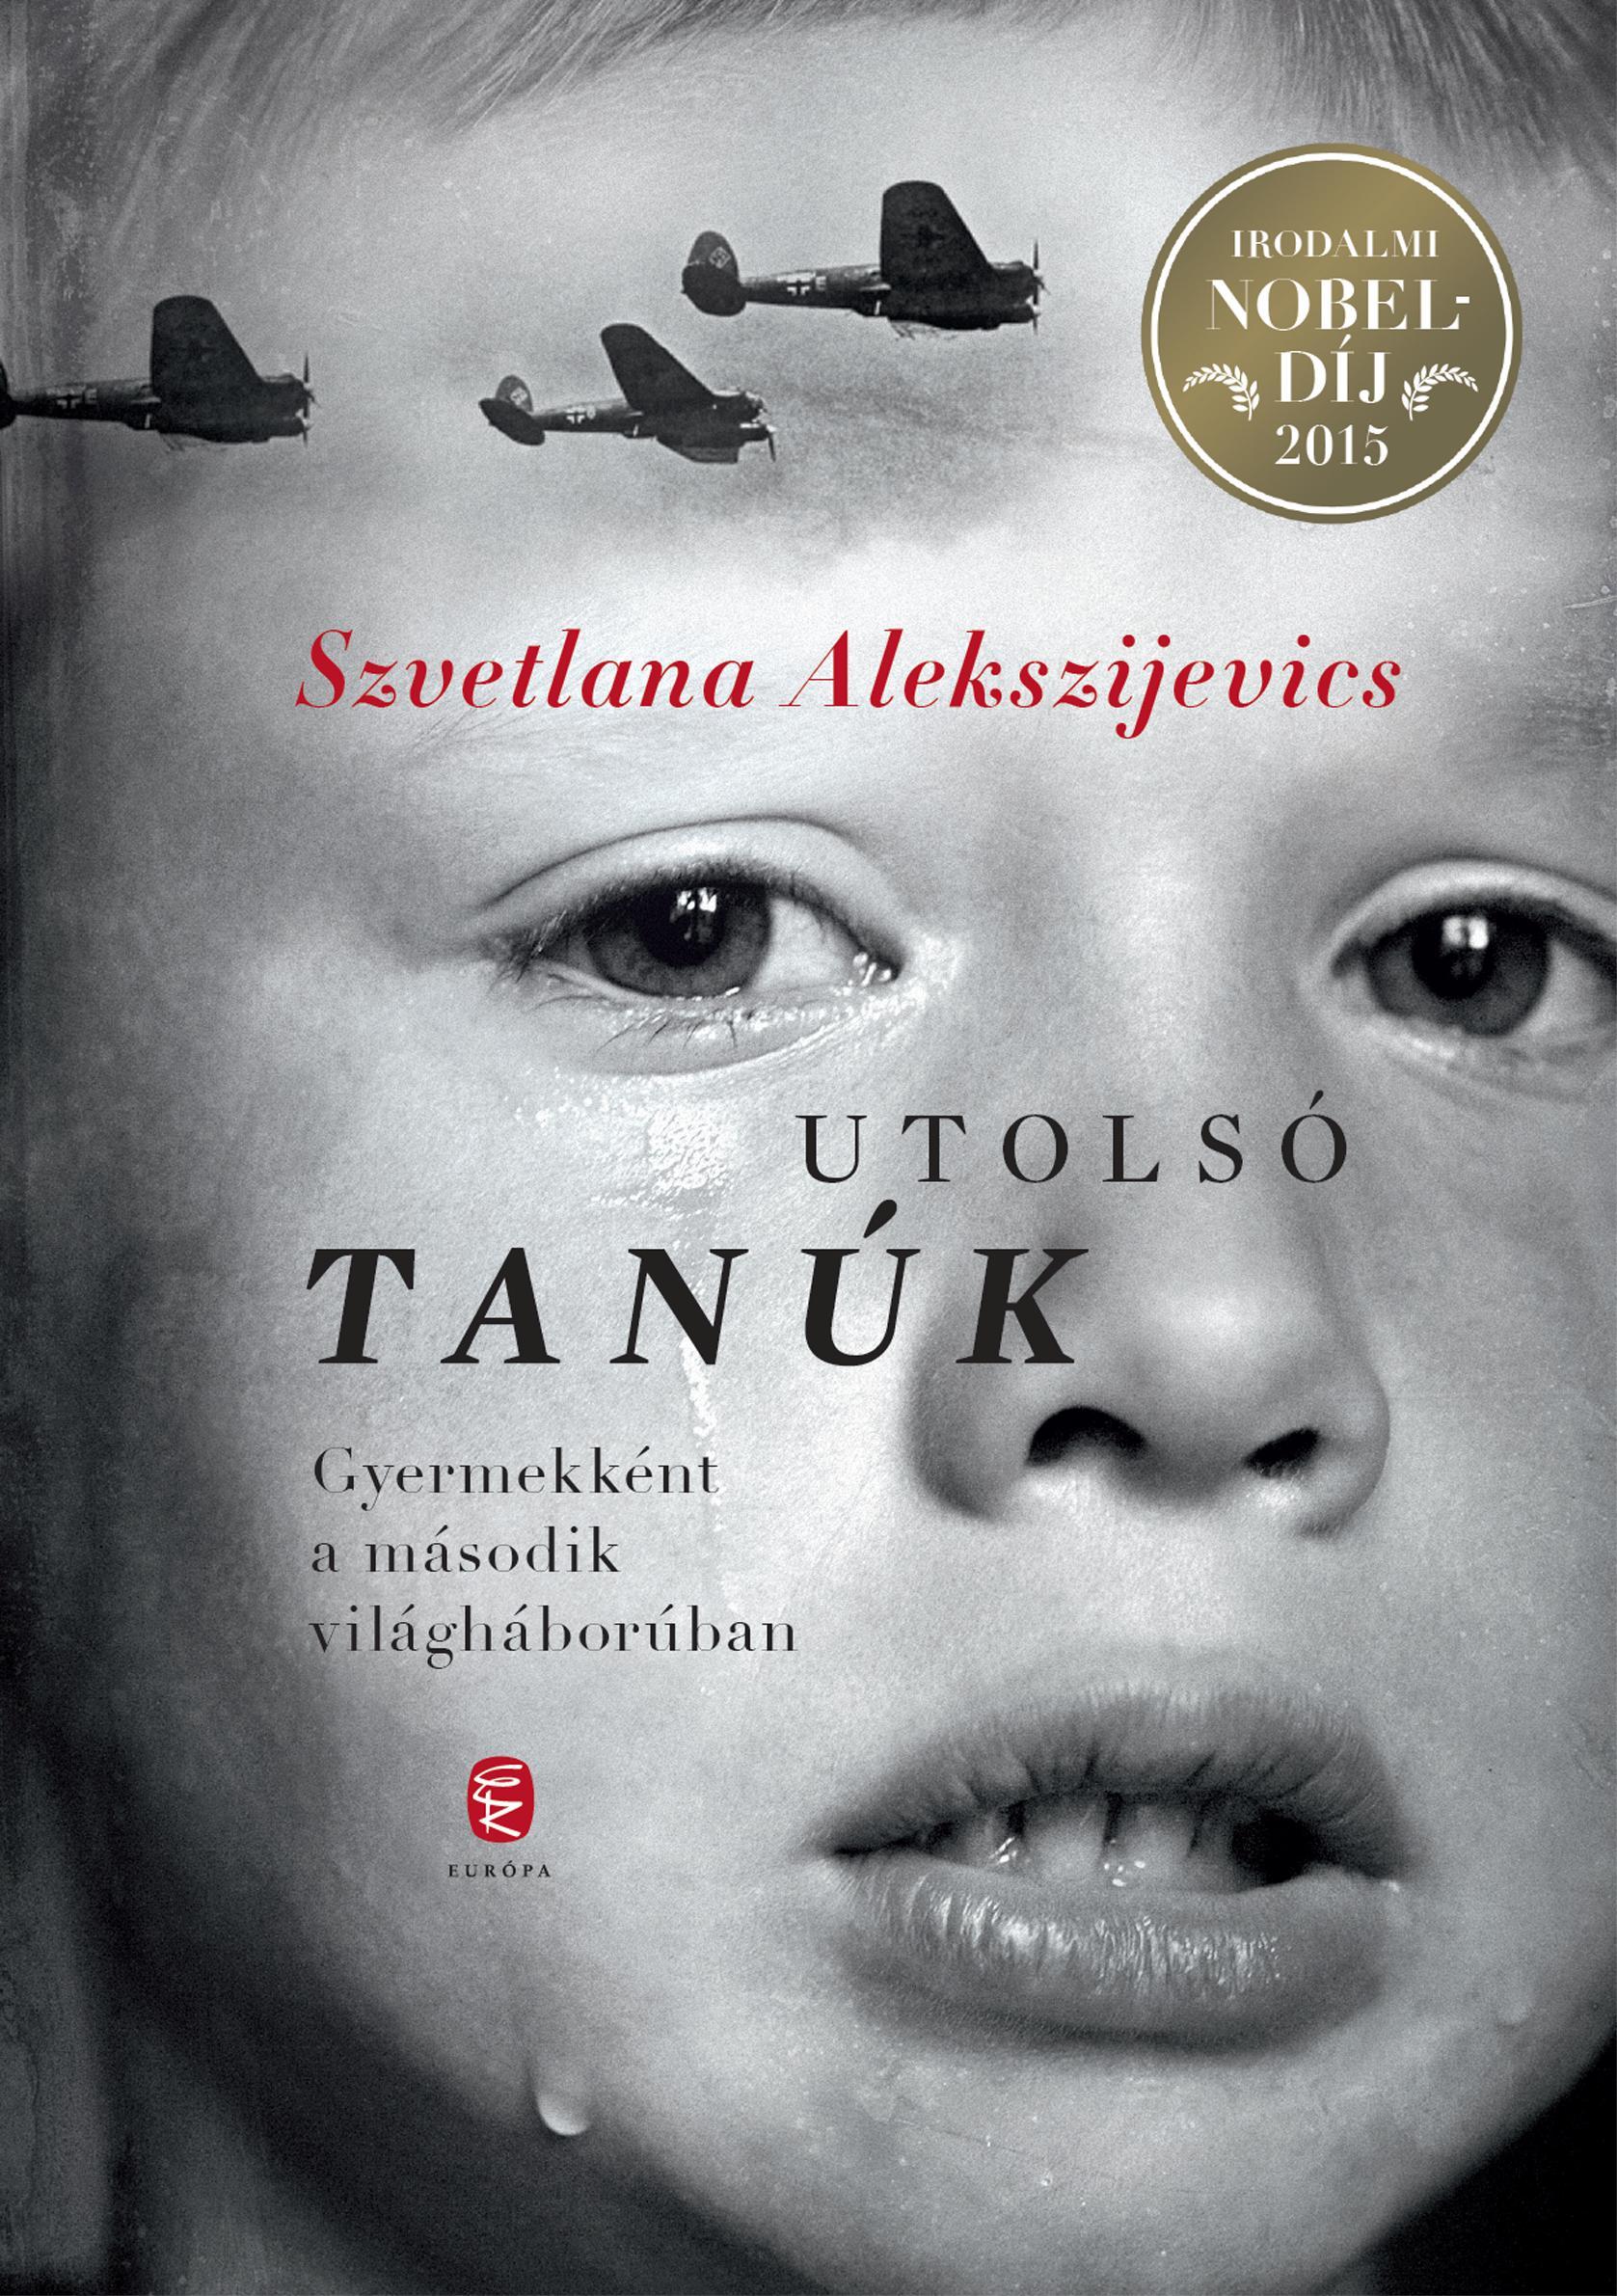 UTOLSÓ TANÚK - GYERMEKKÉNT A MÁSODIK VILÁGHÁBORÚBAN